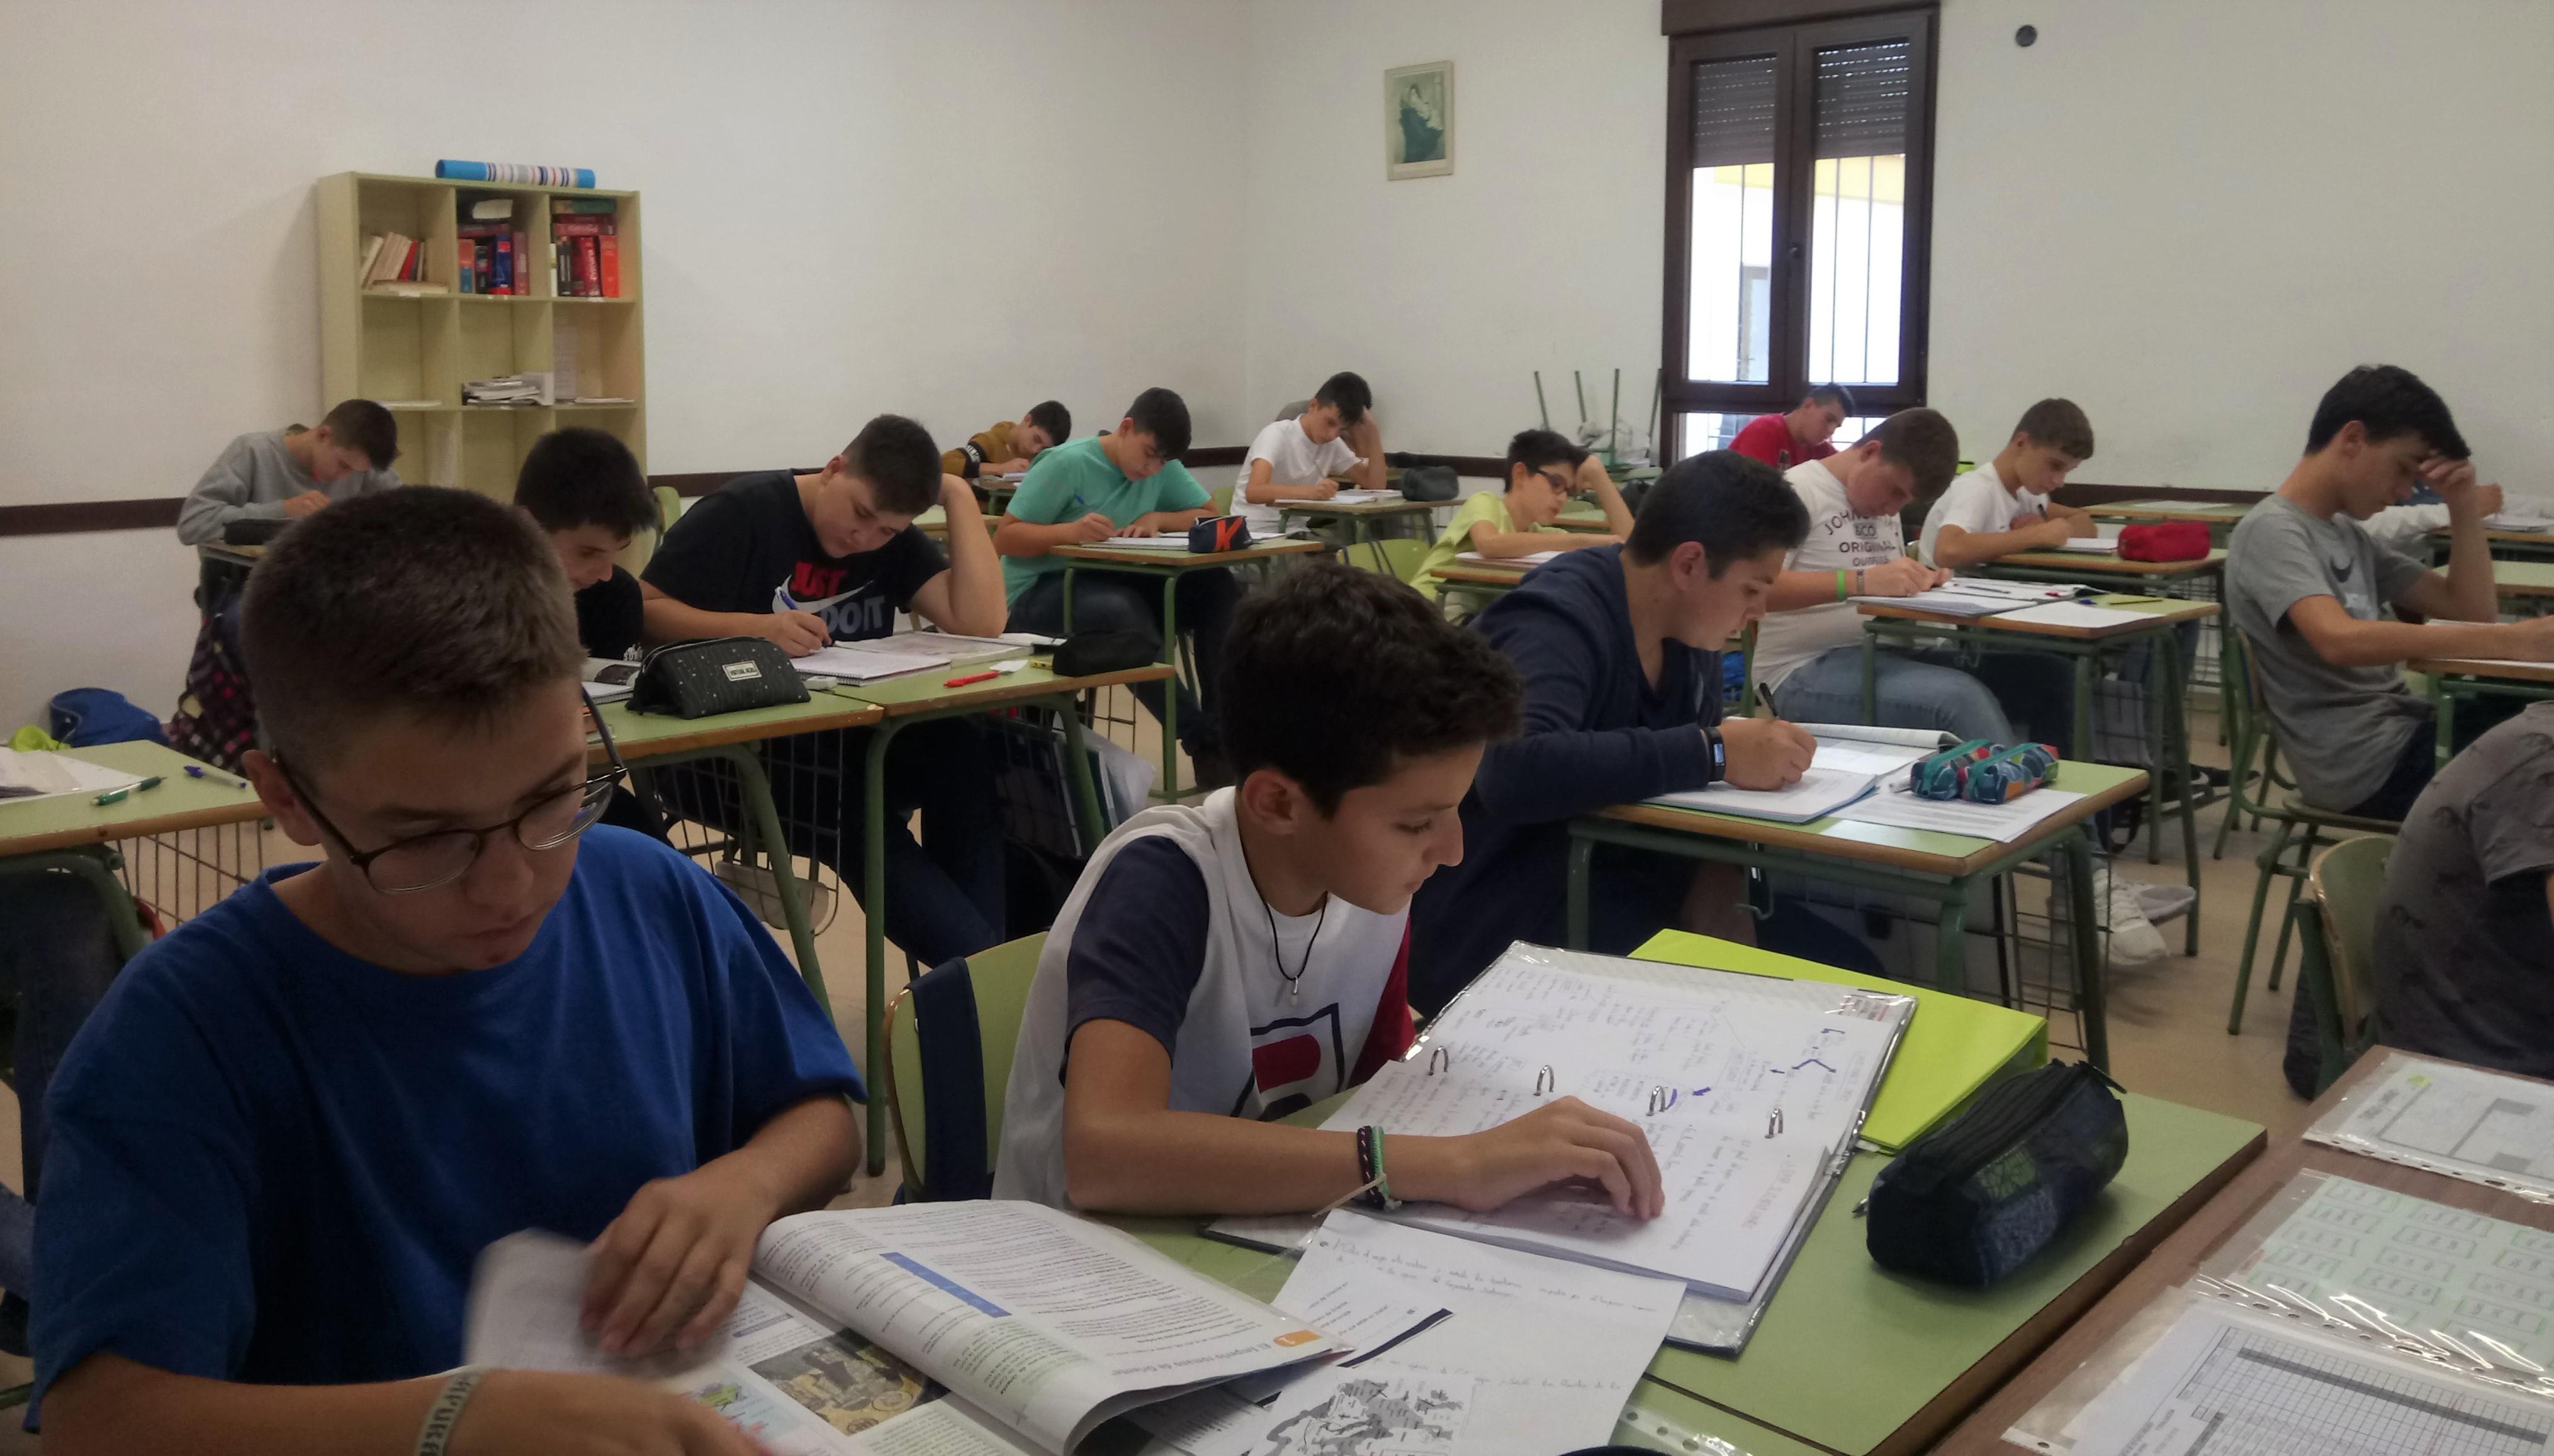 El estudio dirigido de Torrealba, una de las claves del éxito de nuestros alumnos